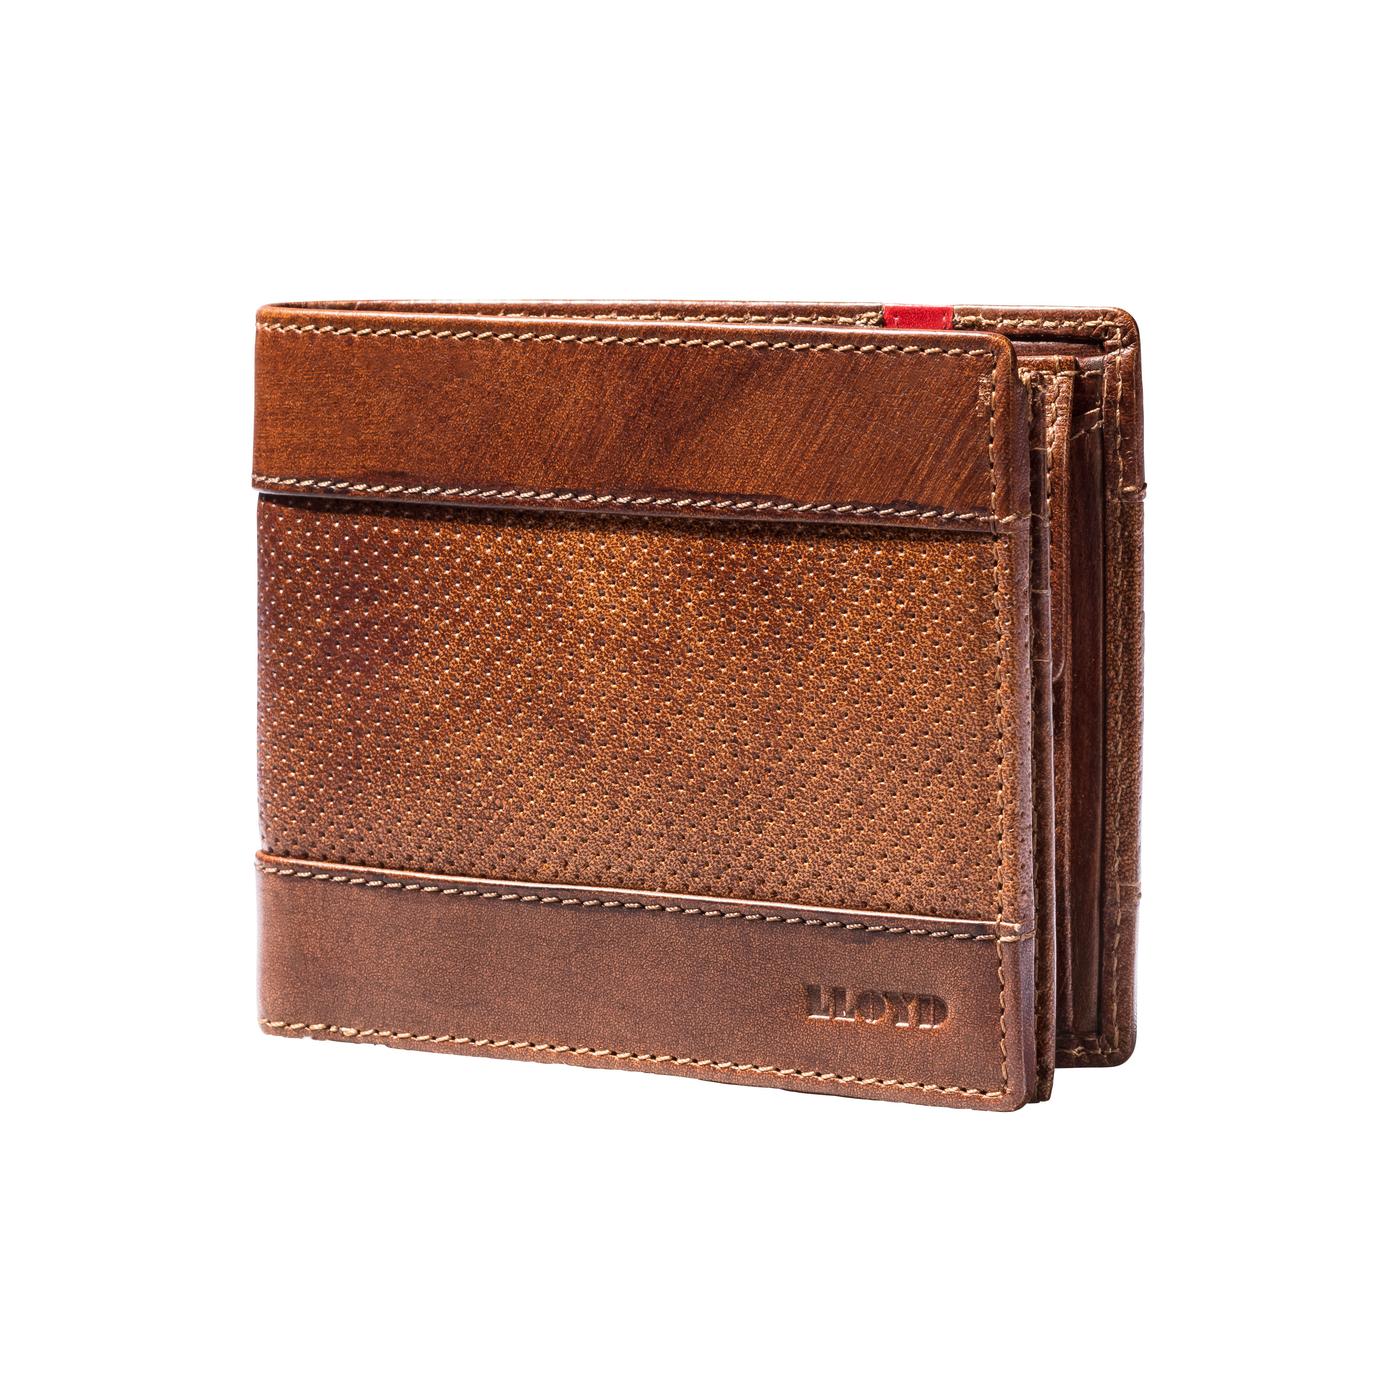 GELDBÖRSE | Accessoires > Portemonnaies | Braun | Geprägtes leder -  polyester ) | LLOYD